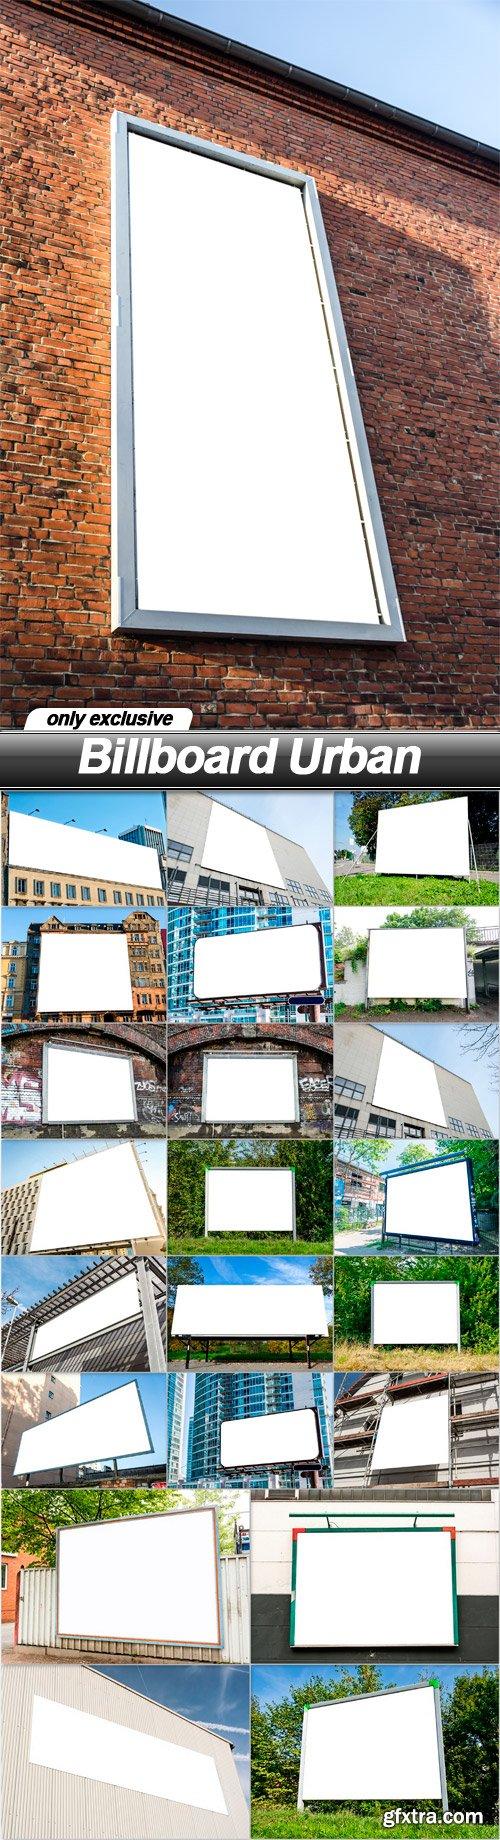 Billboard Urban - 23 UHQ JPEG